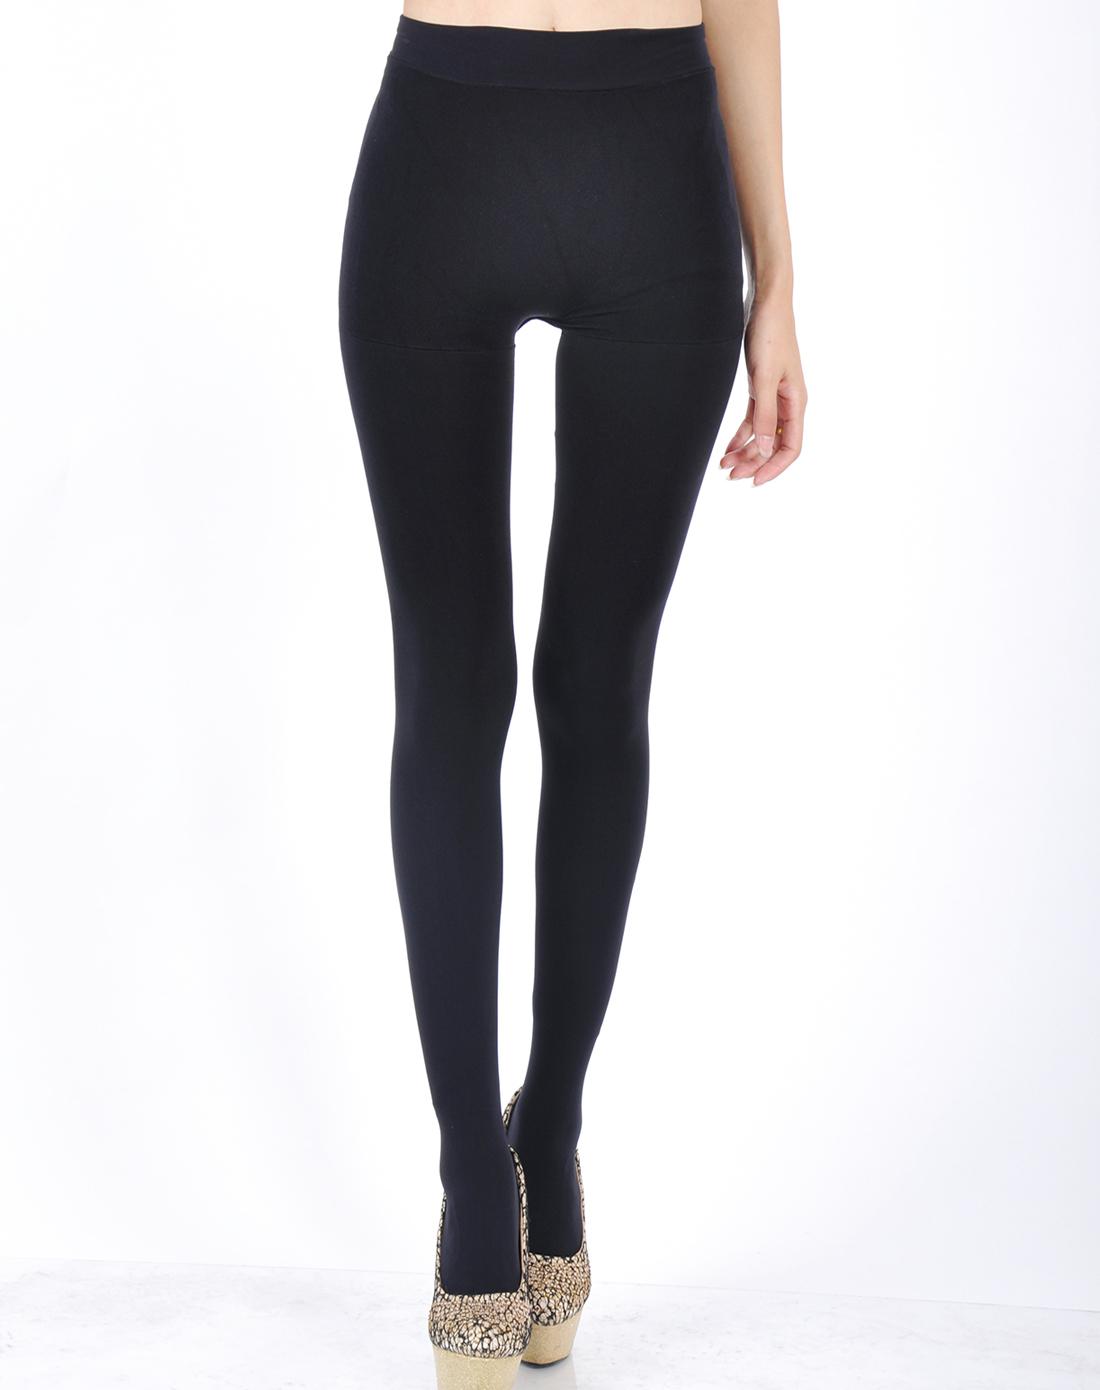 女款二代无缝厚型天鹅绒毛圈双层保暖连裤袜黑色